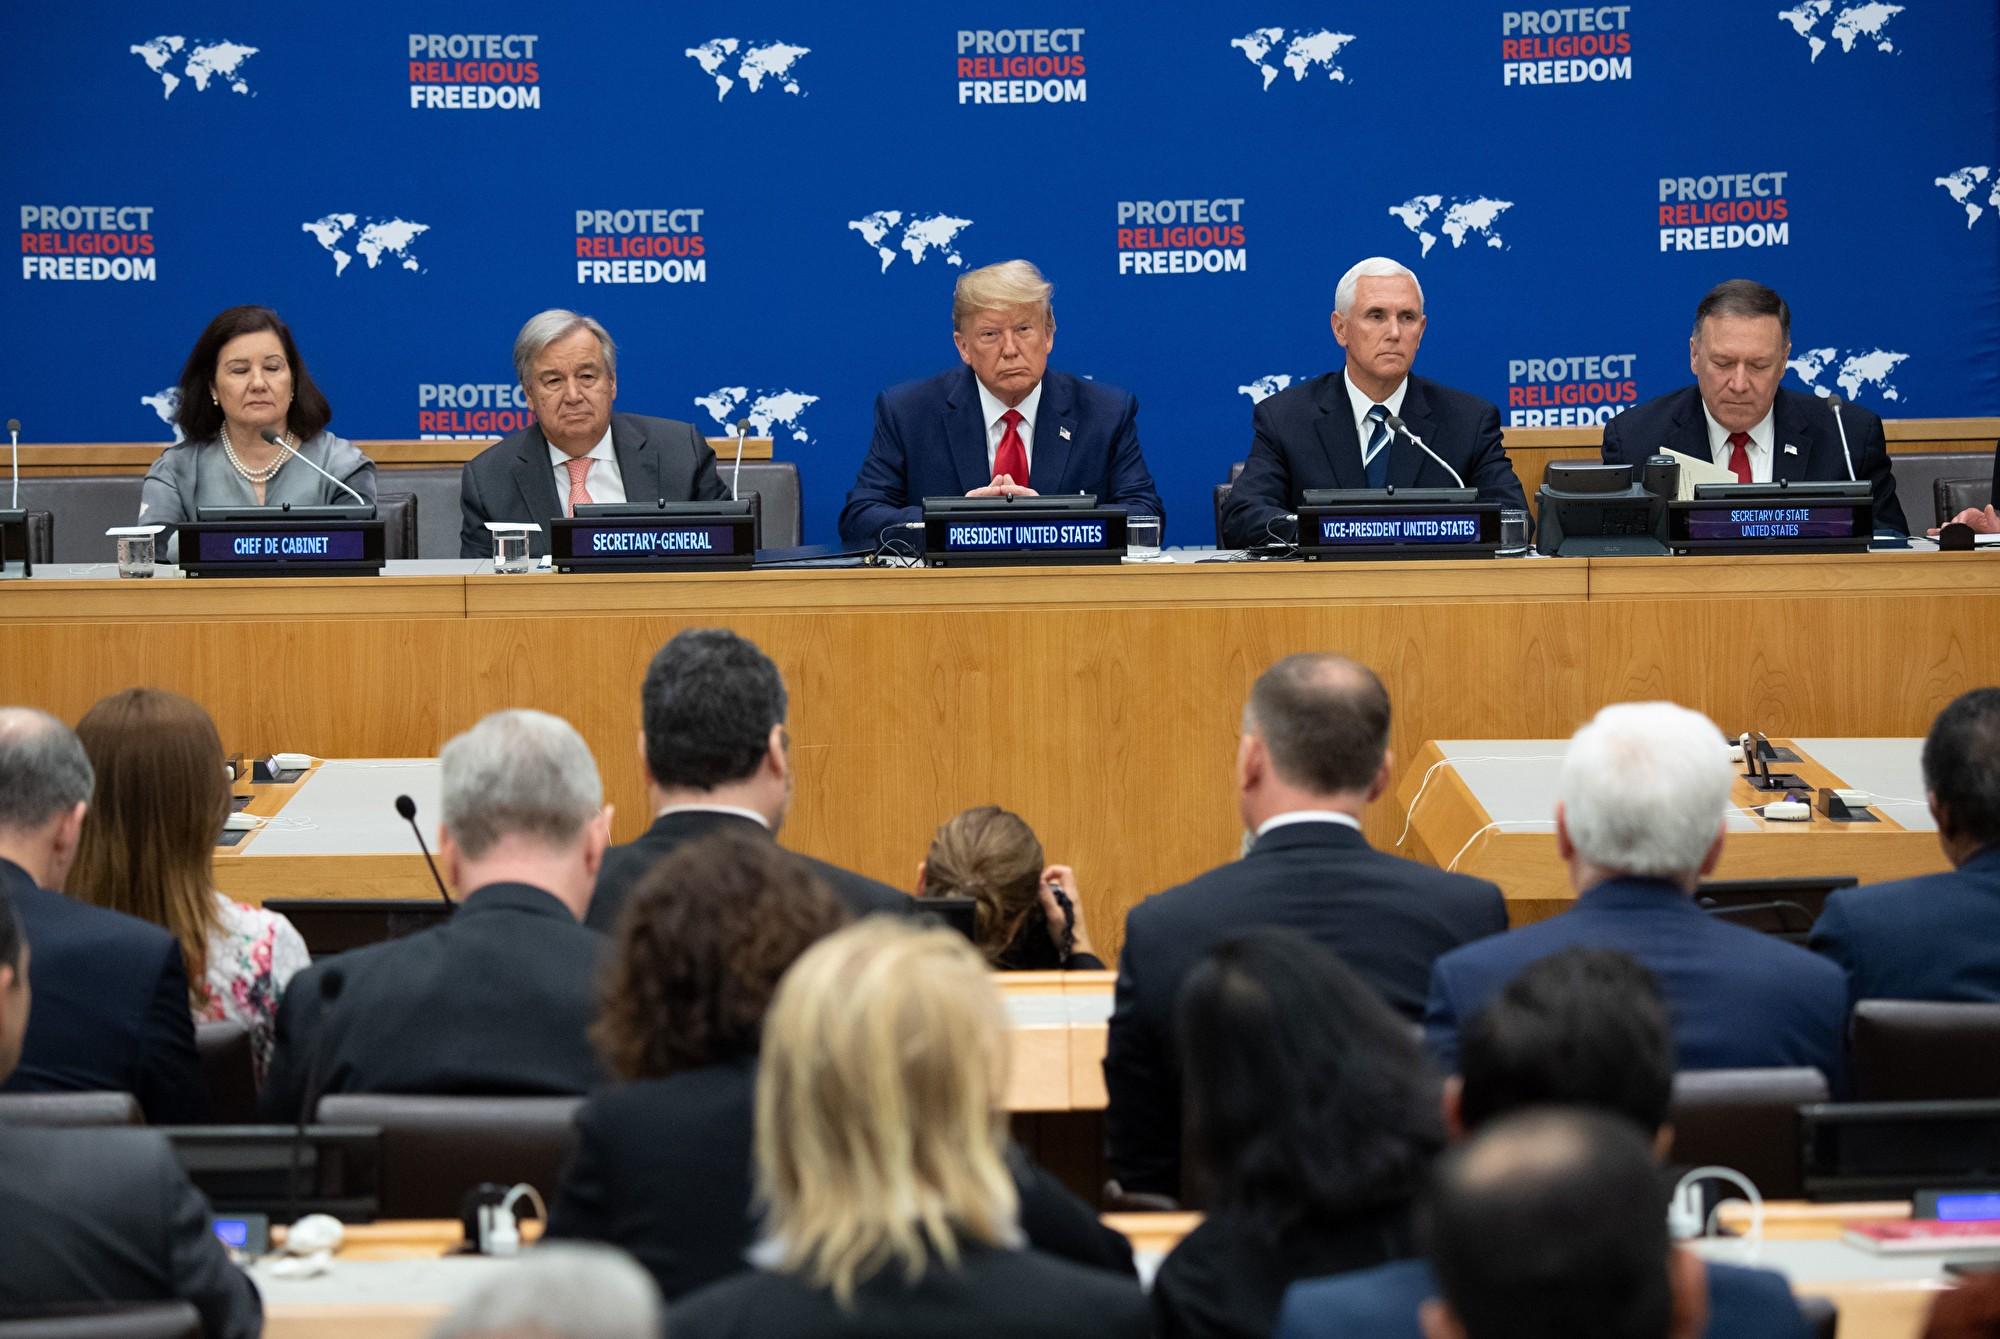 【直播】9.24 特朗普在聯合國大會上發表演講